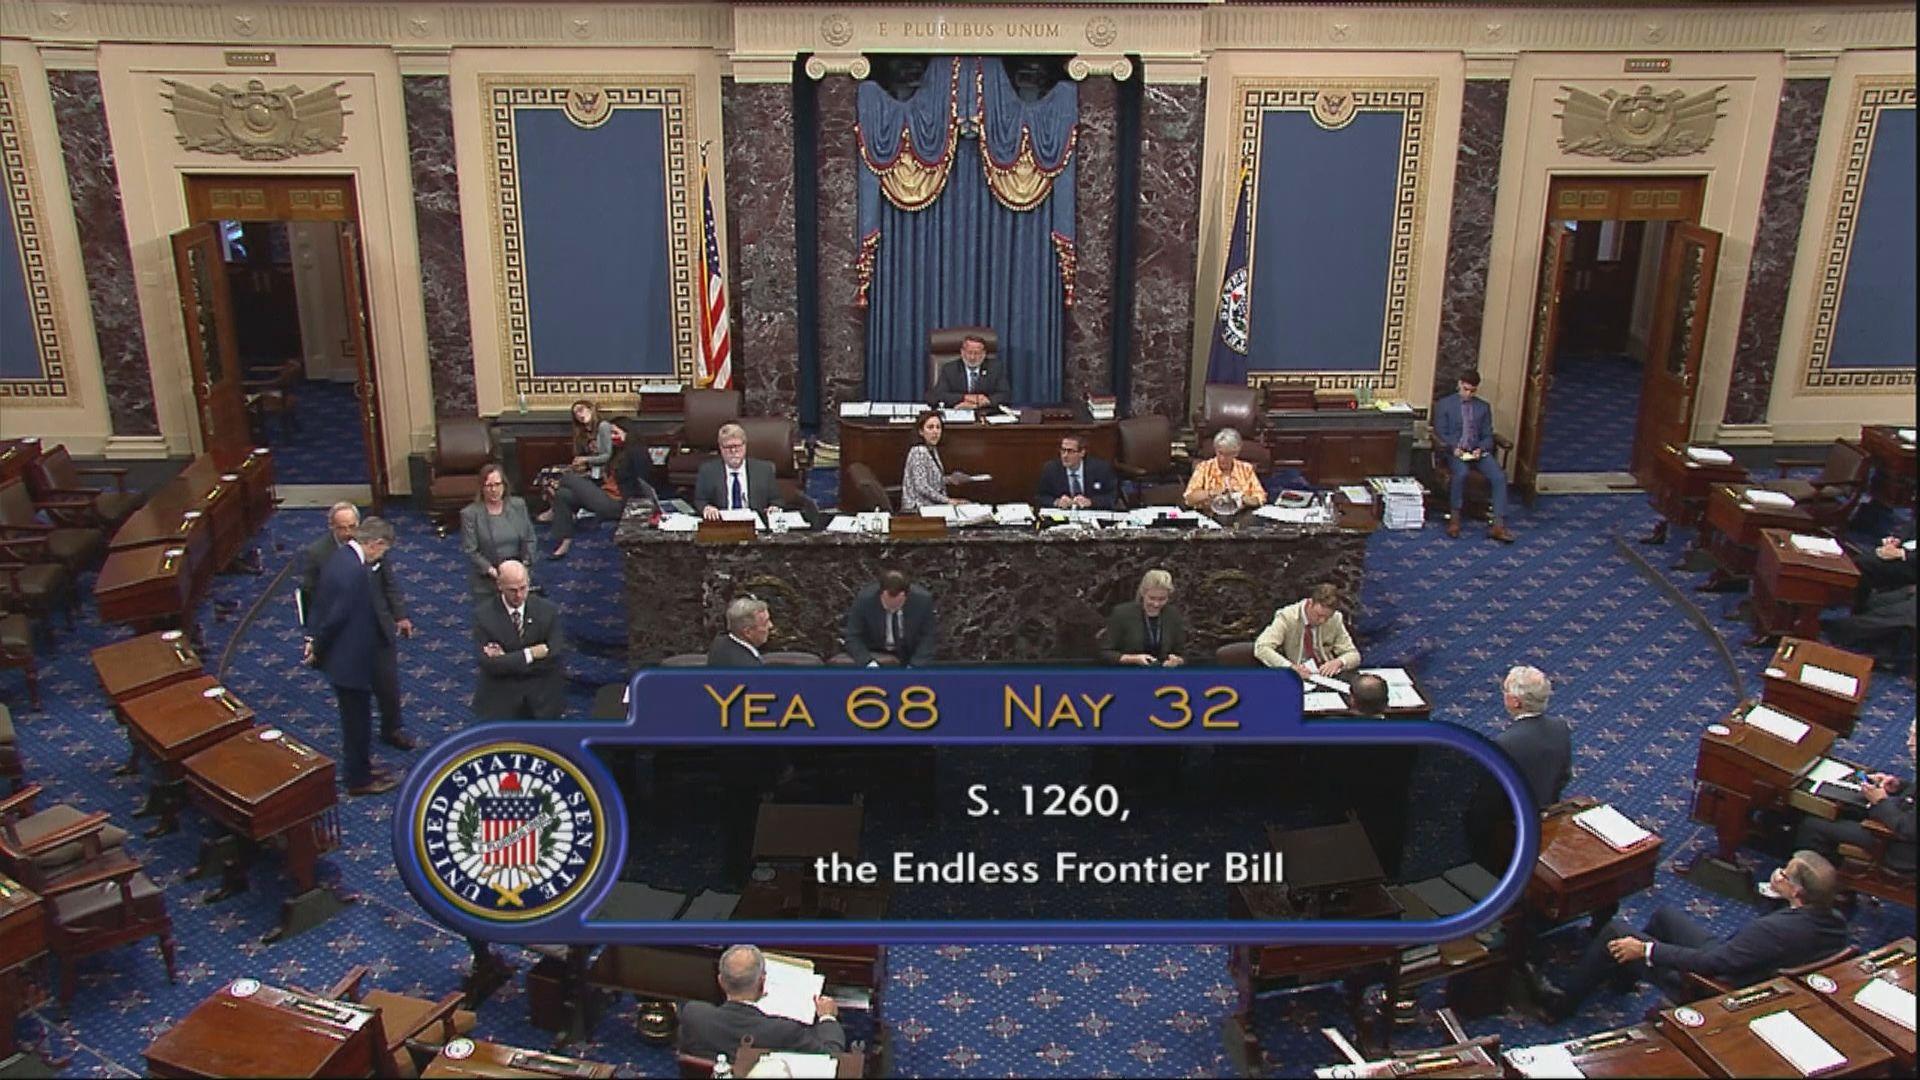 美參議院通過法案增創科能力 中方:法案渲染「中國威脅」